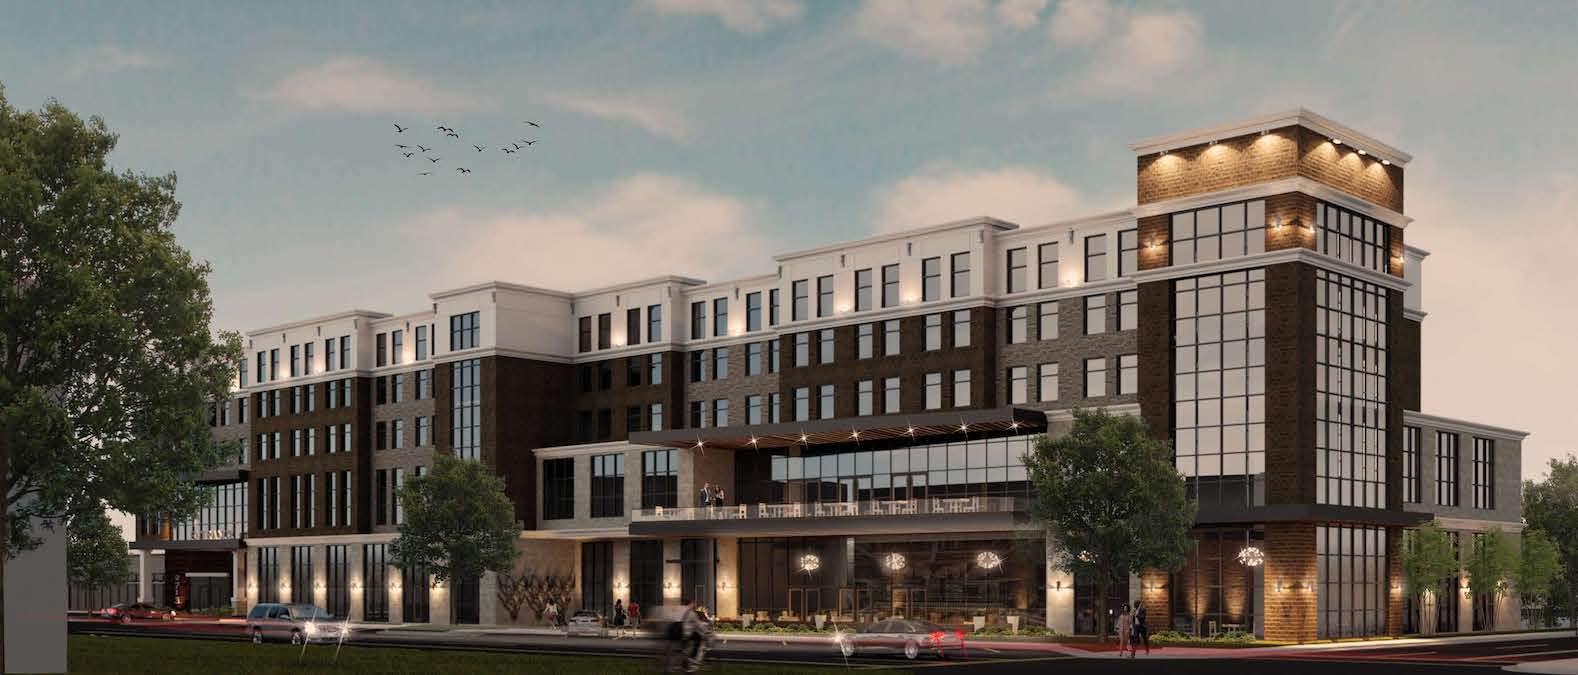 Take a Look inside New Birmingham Luxury Hotel